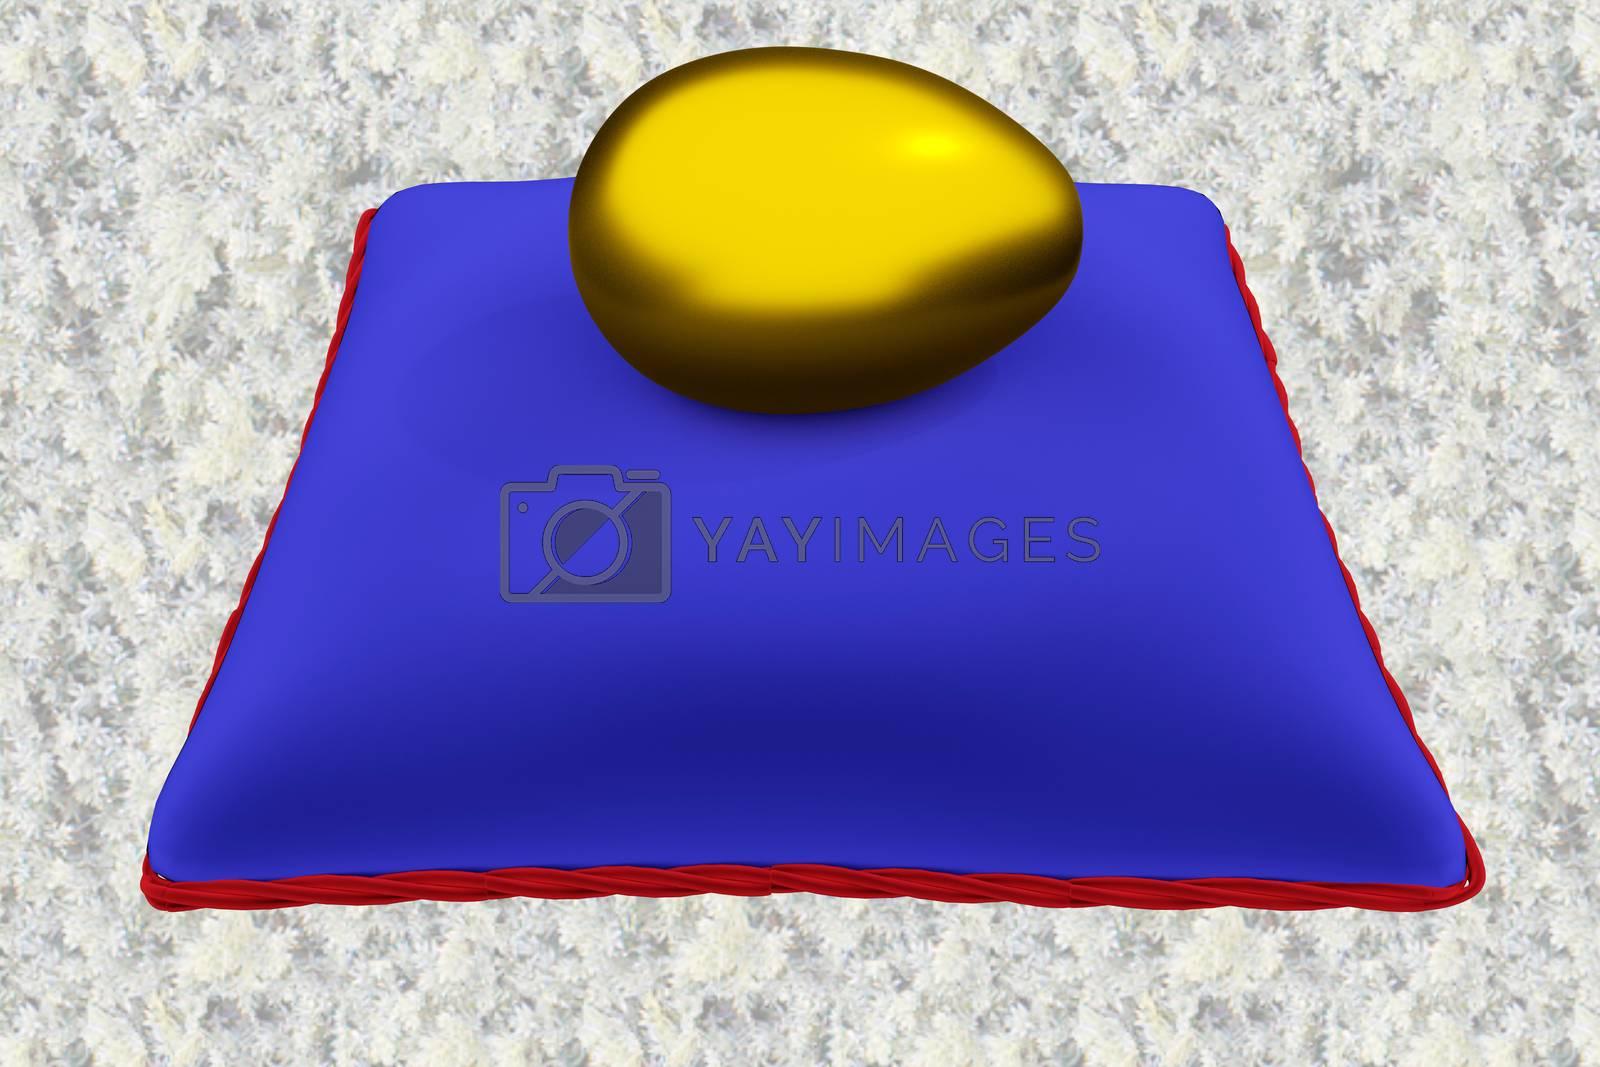 3D illustration of golden egg on blue velvet pillow, isolated over a pattern overlay.